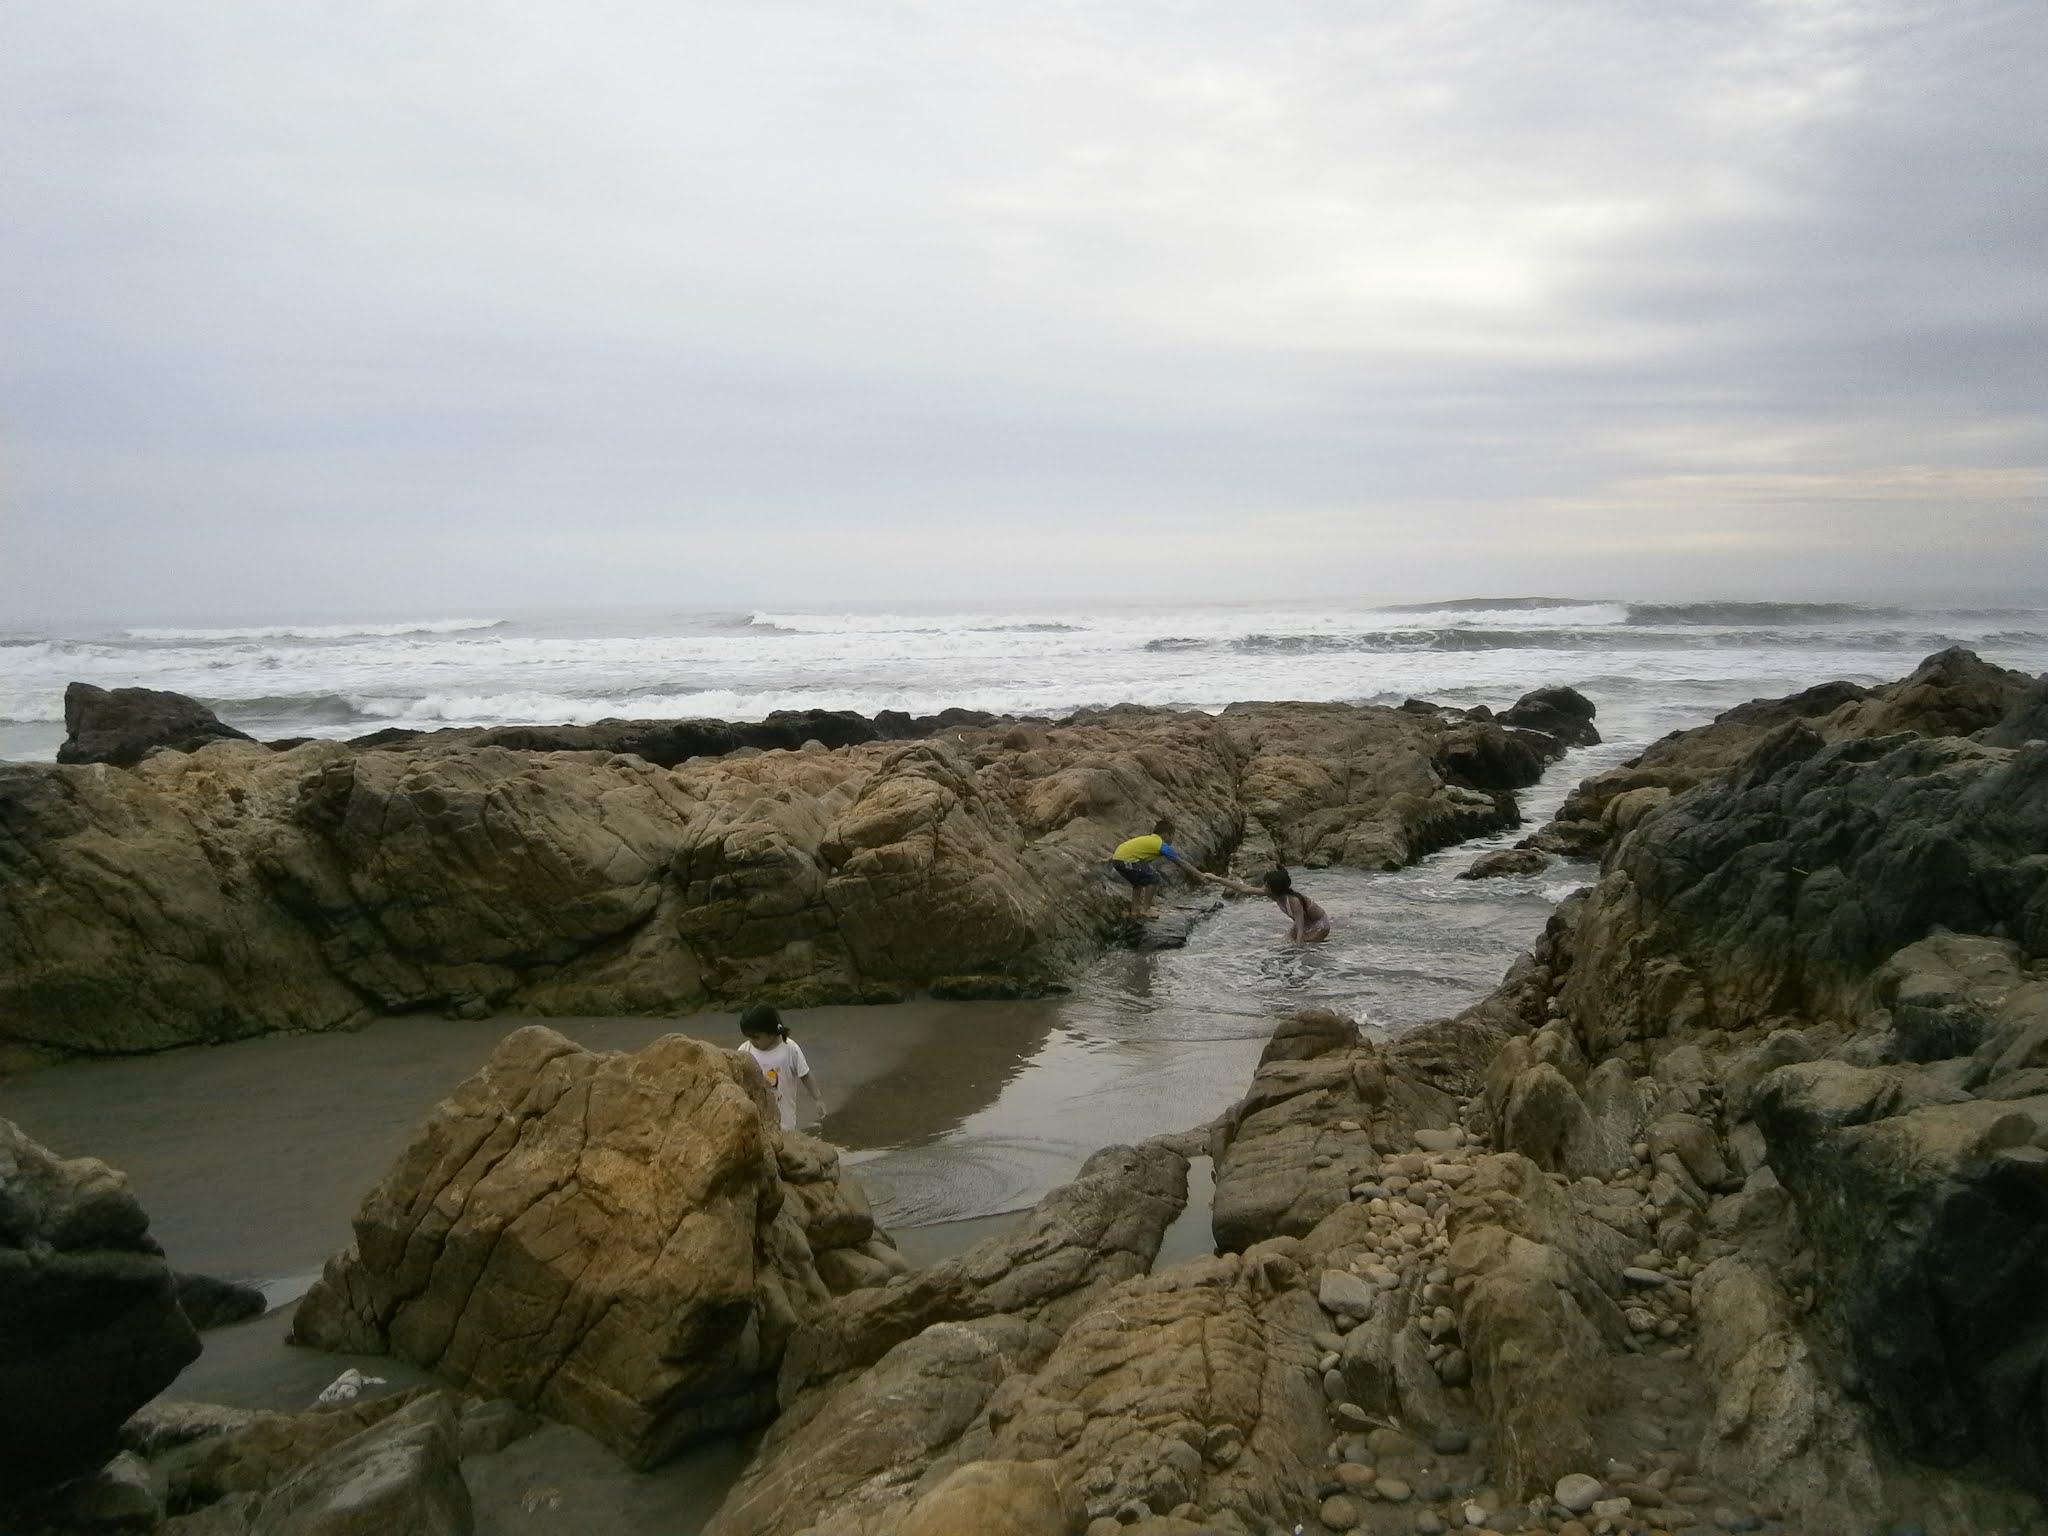 Playa ubicada en el norte del Perú llamado Cascajal